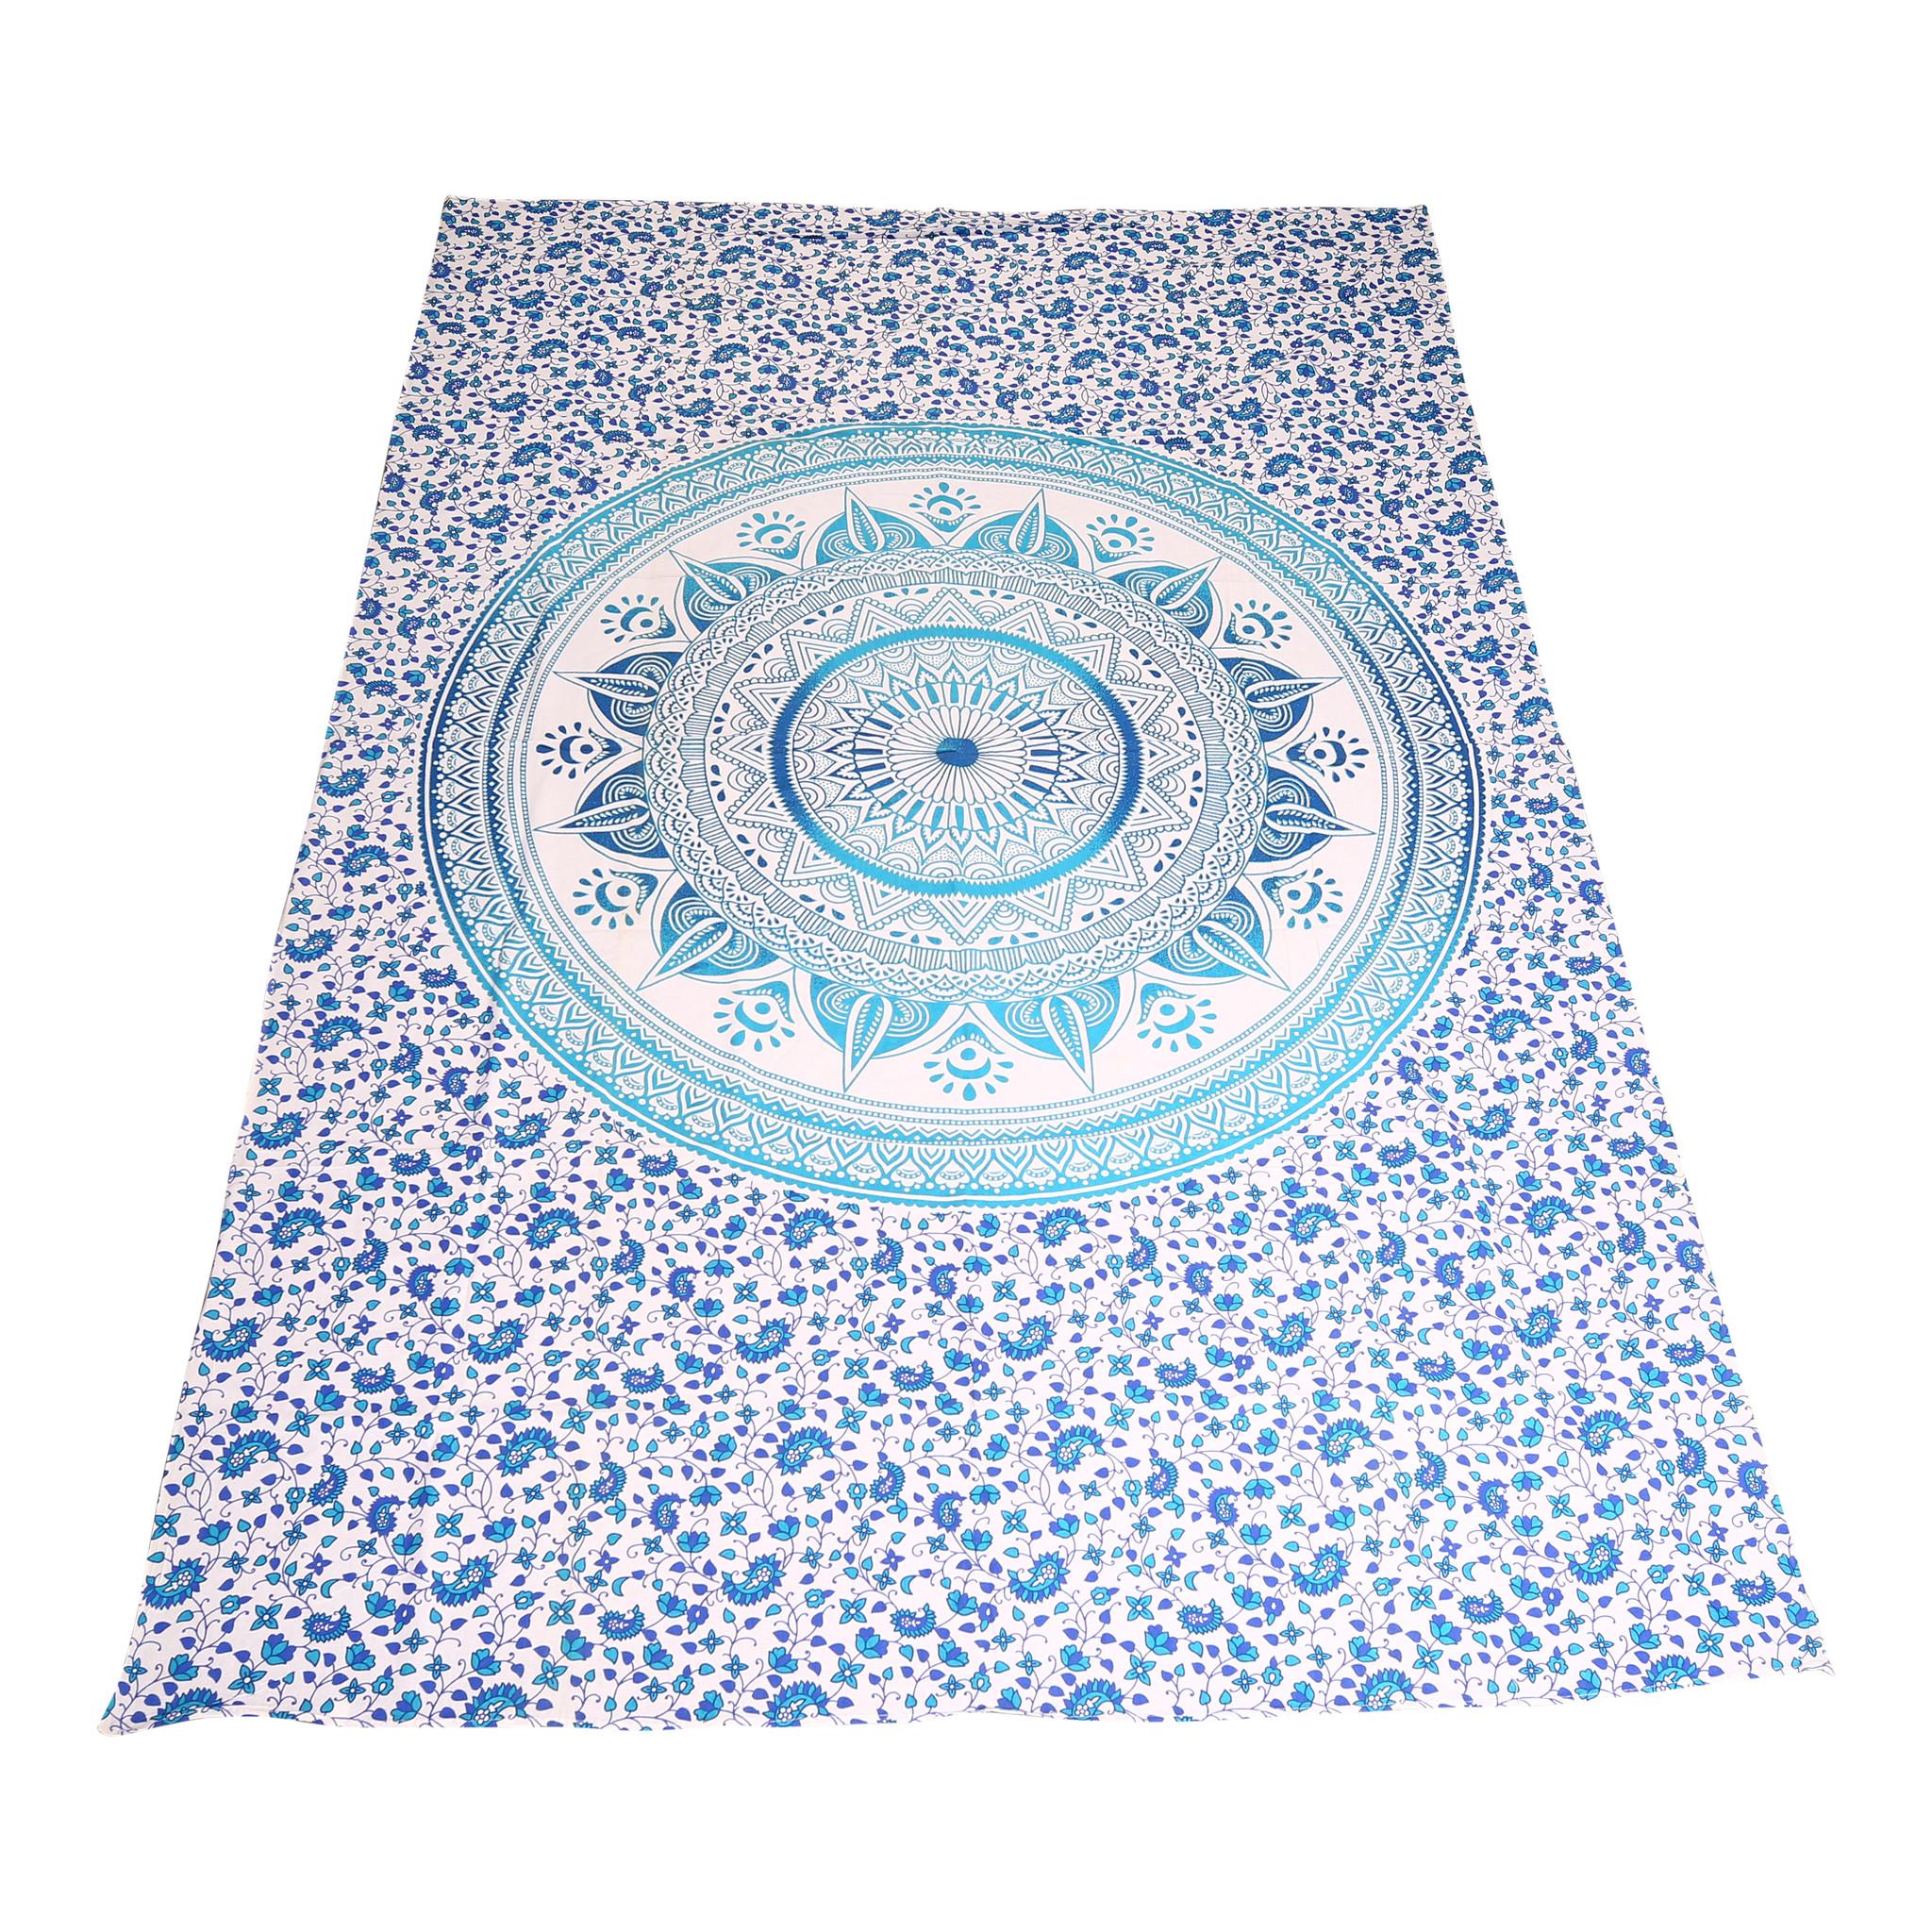 Myroundie Myroundie – roundie  - rechthoekig strandlaken – strandkleed - yoga kleed - picknickkleed - speelkleed - muurkleed - 100% katoen  - 140 x 210 cm - 803